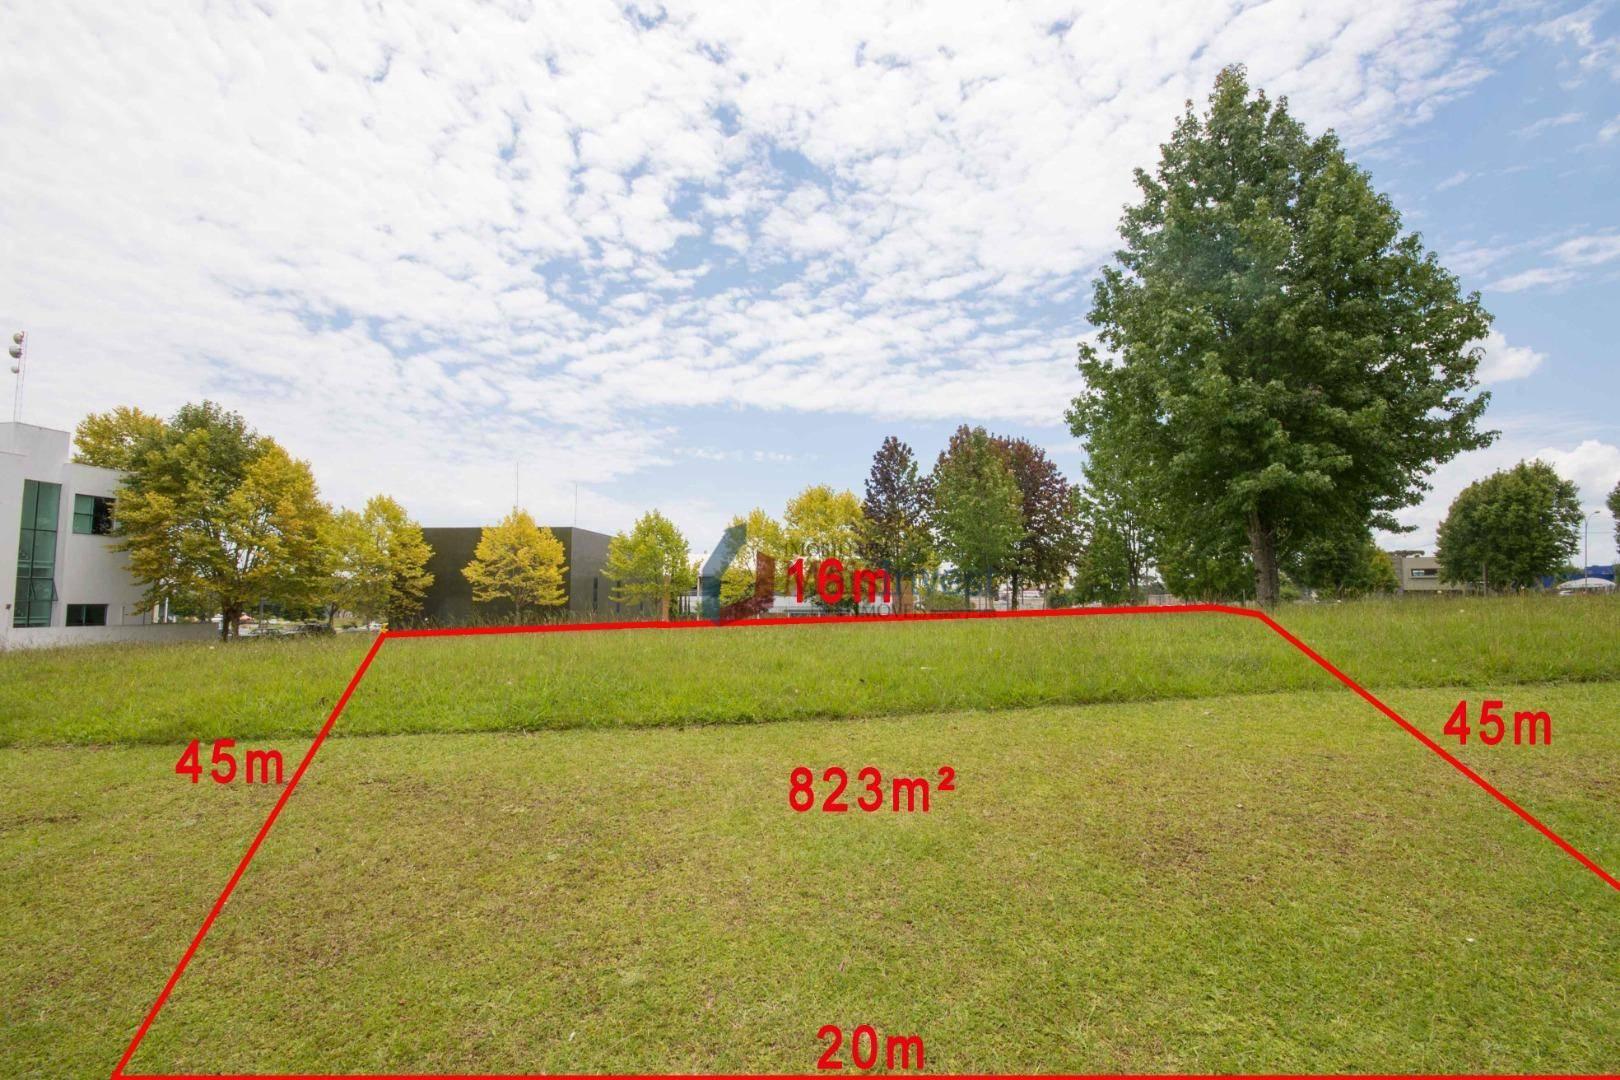 Terreno à venda, 823 m² por R$ 700.000 - Alphaville Graciosa - Pinhais/PR